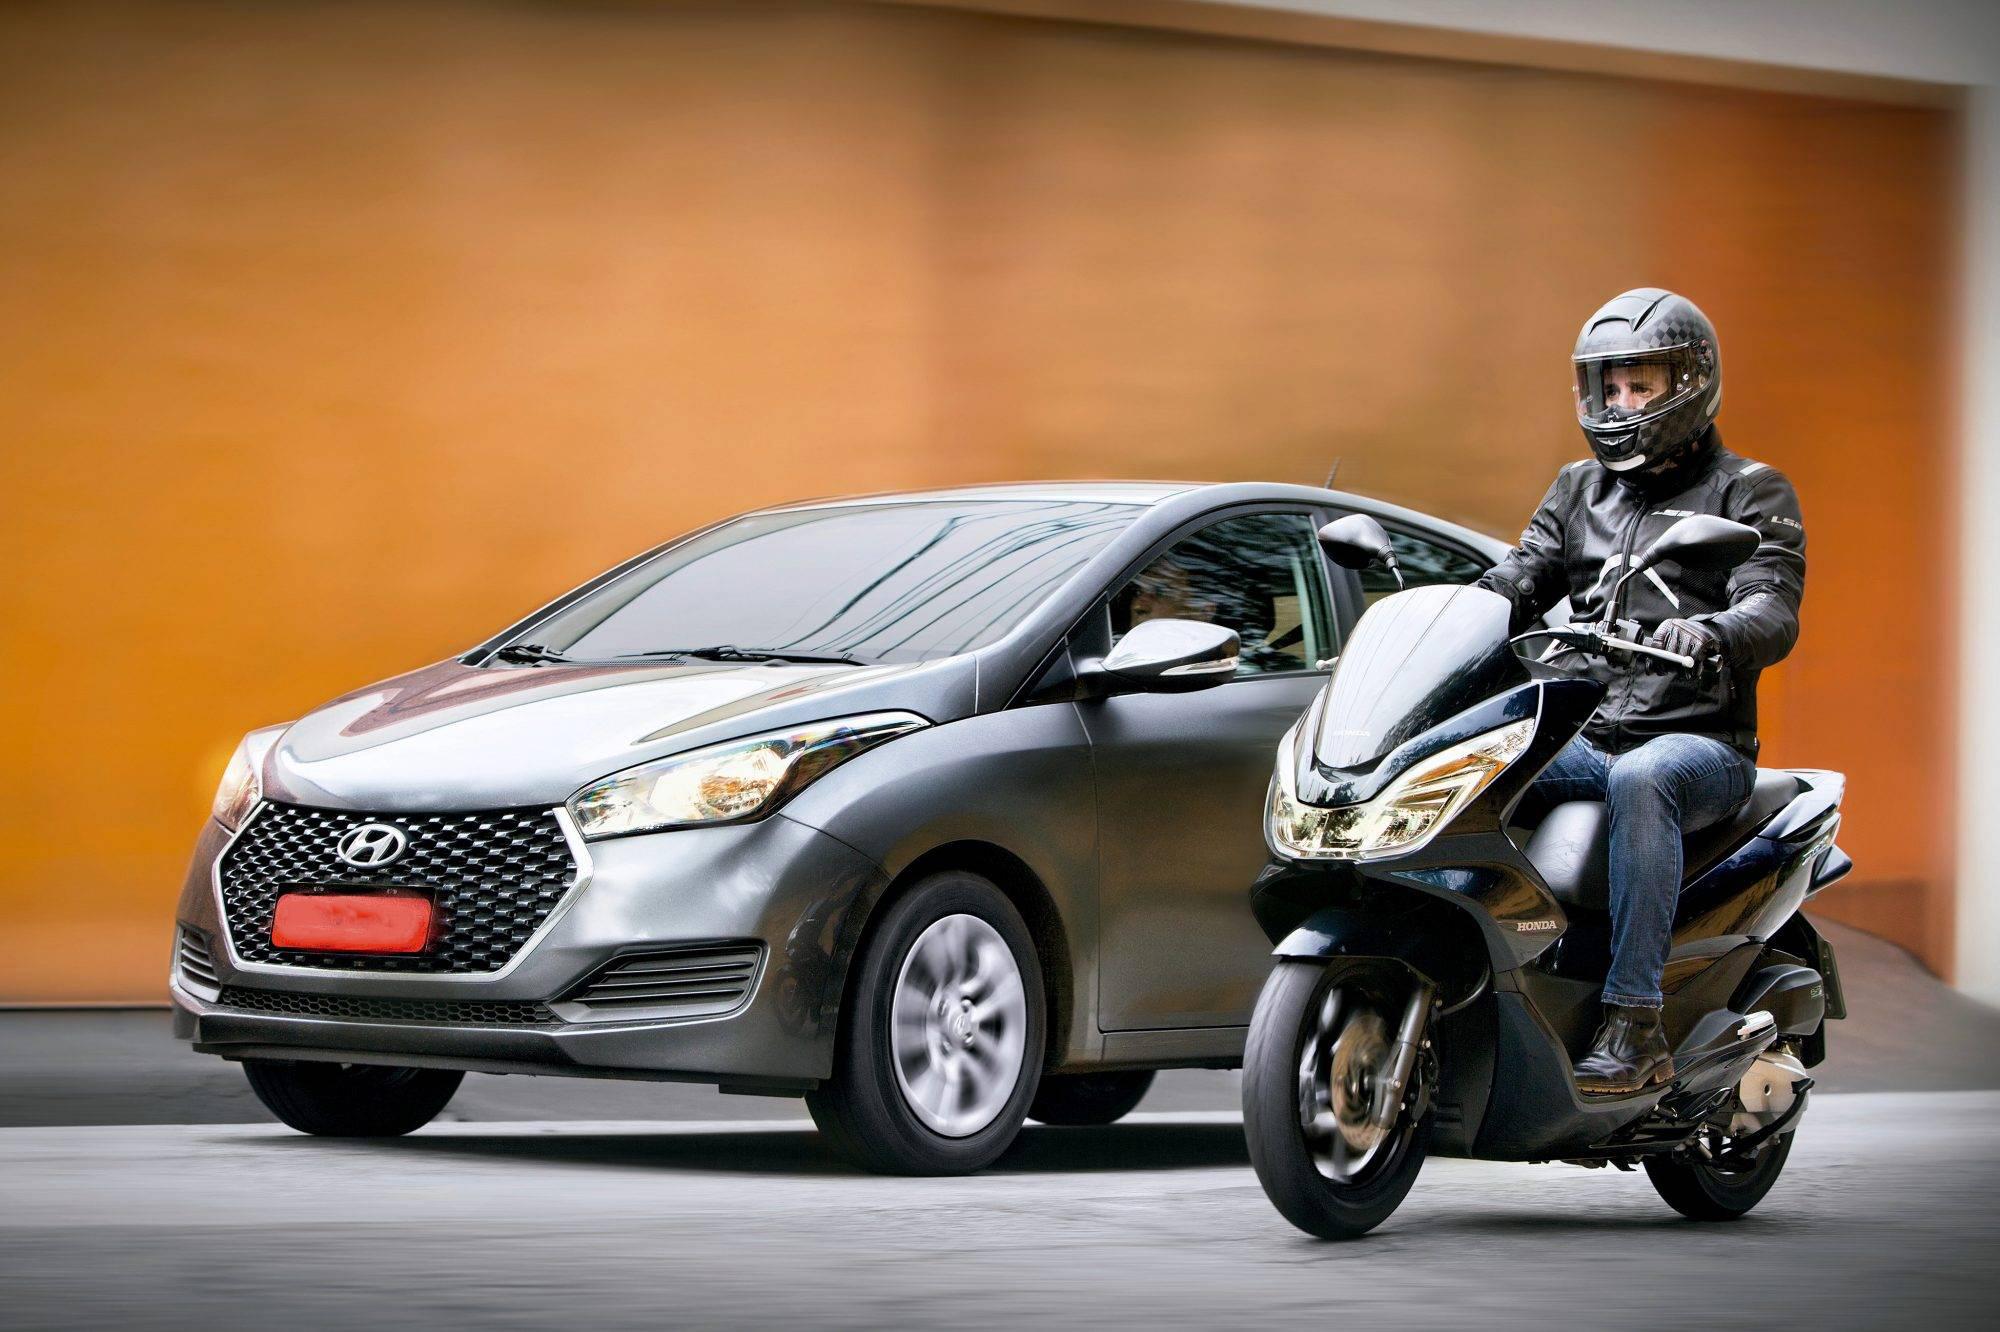 Infrações em motos afetam o direito de dirigir automóveis?